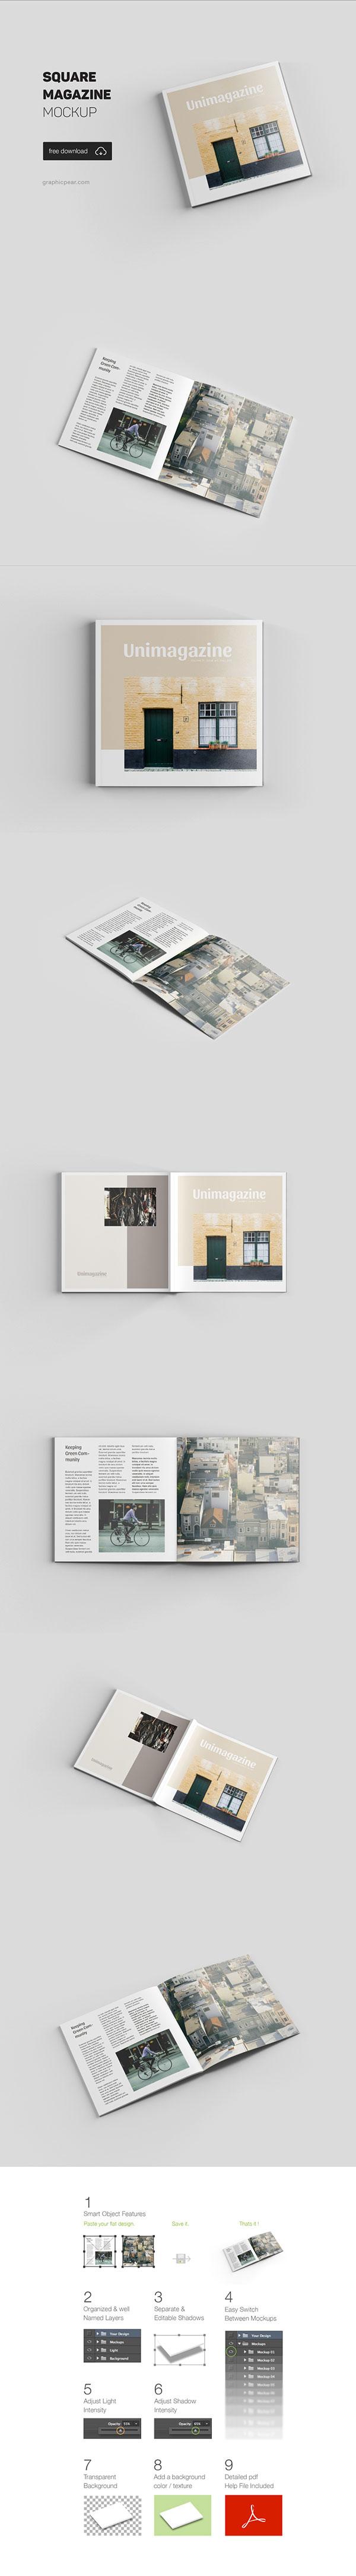 Home magazine album prototype PSD